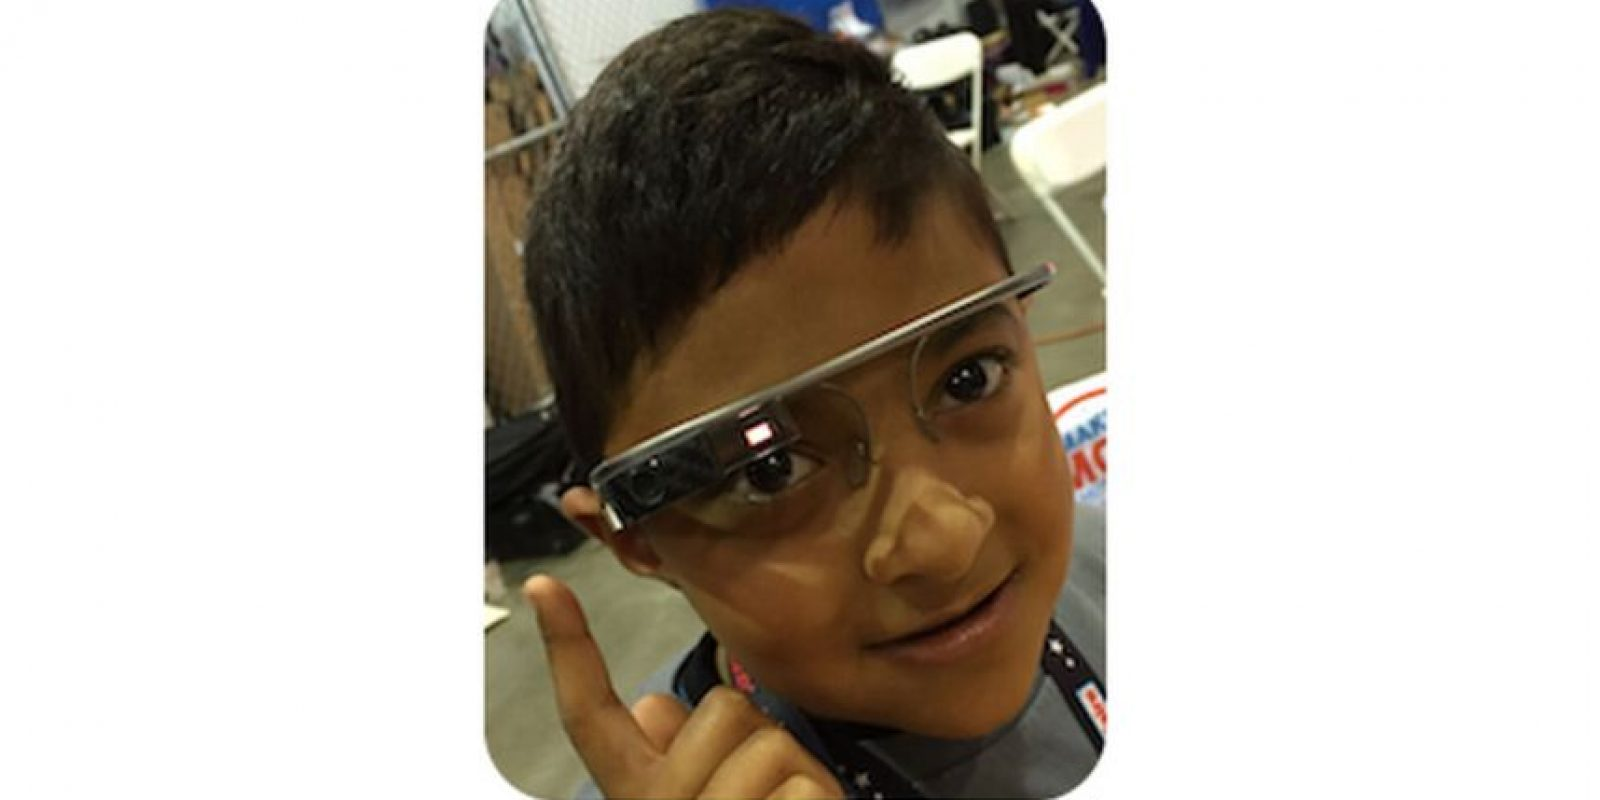 El es Omkar, es el creador del reloj para niños, solo tiene ocho años Foto:O Watch/Kickstarter